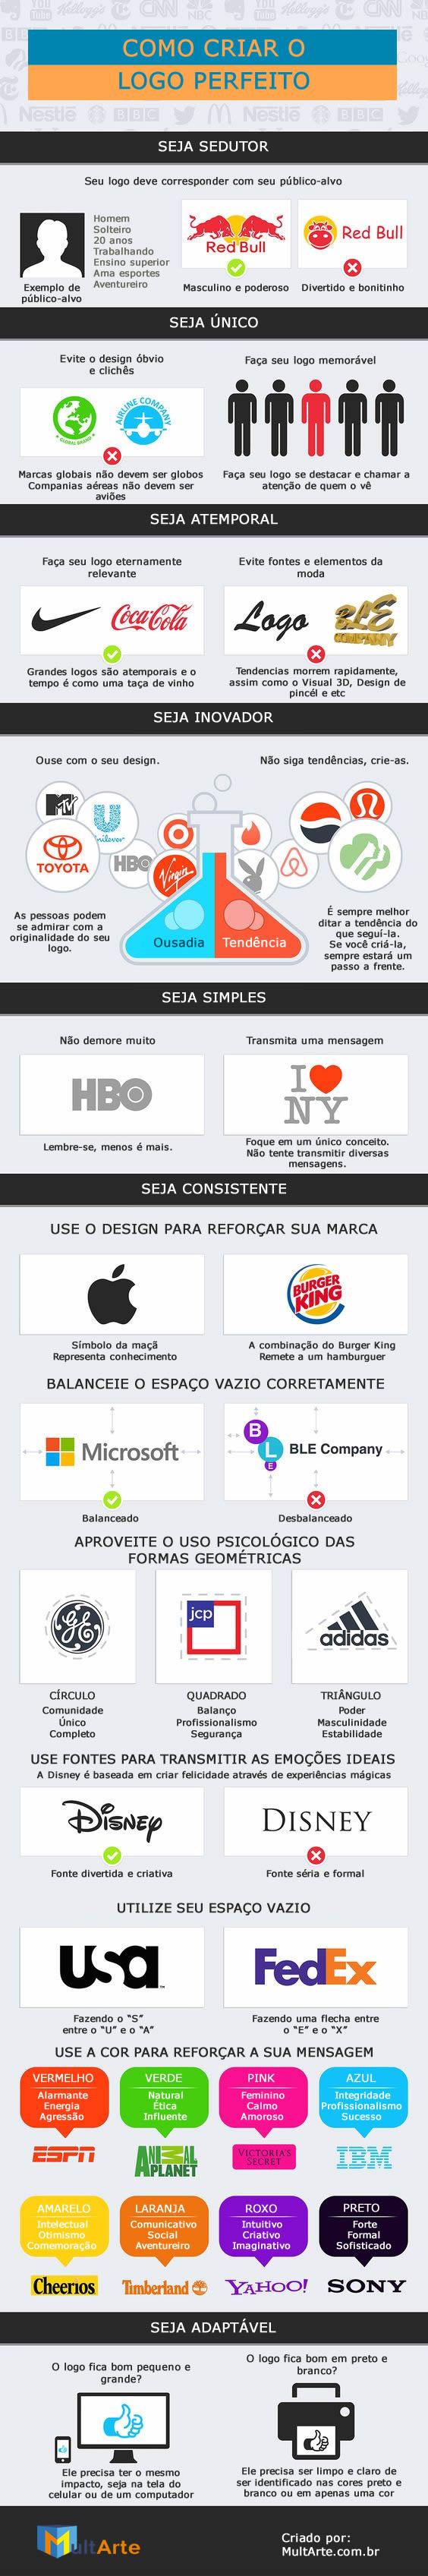 Infográfico Criando o Logo Perfeito